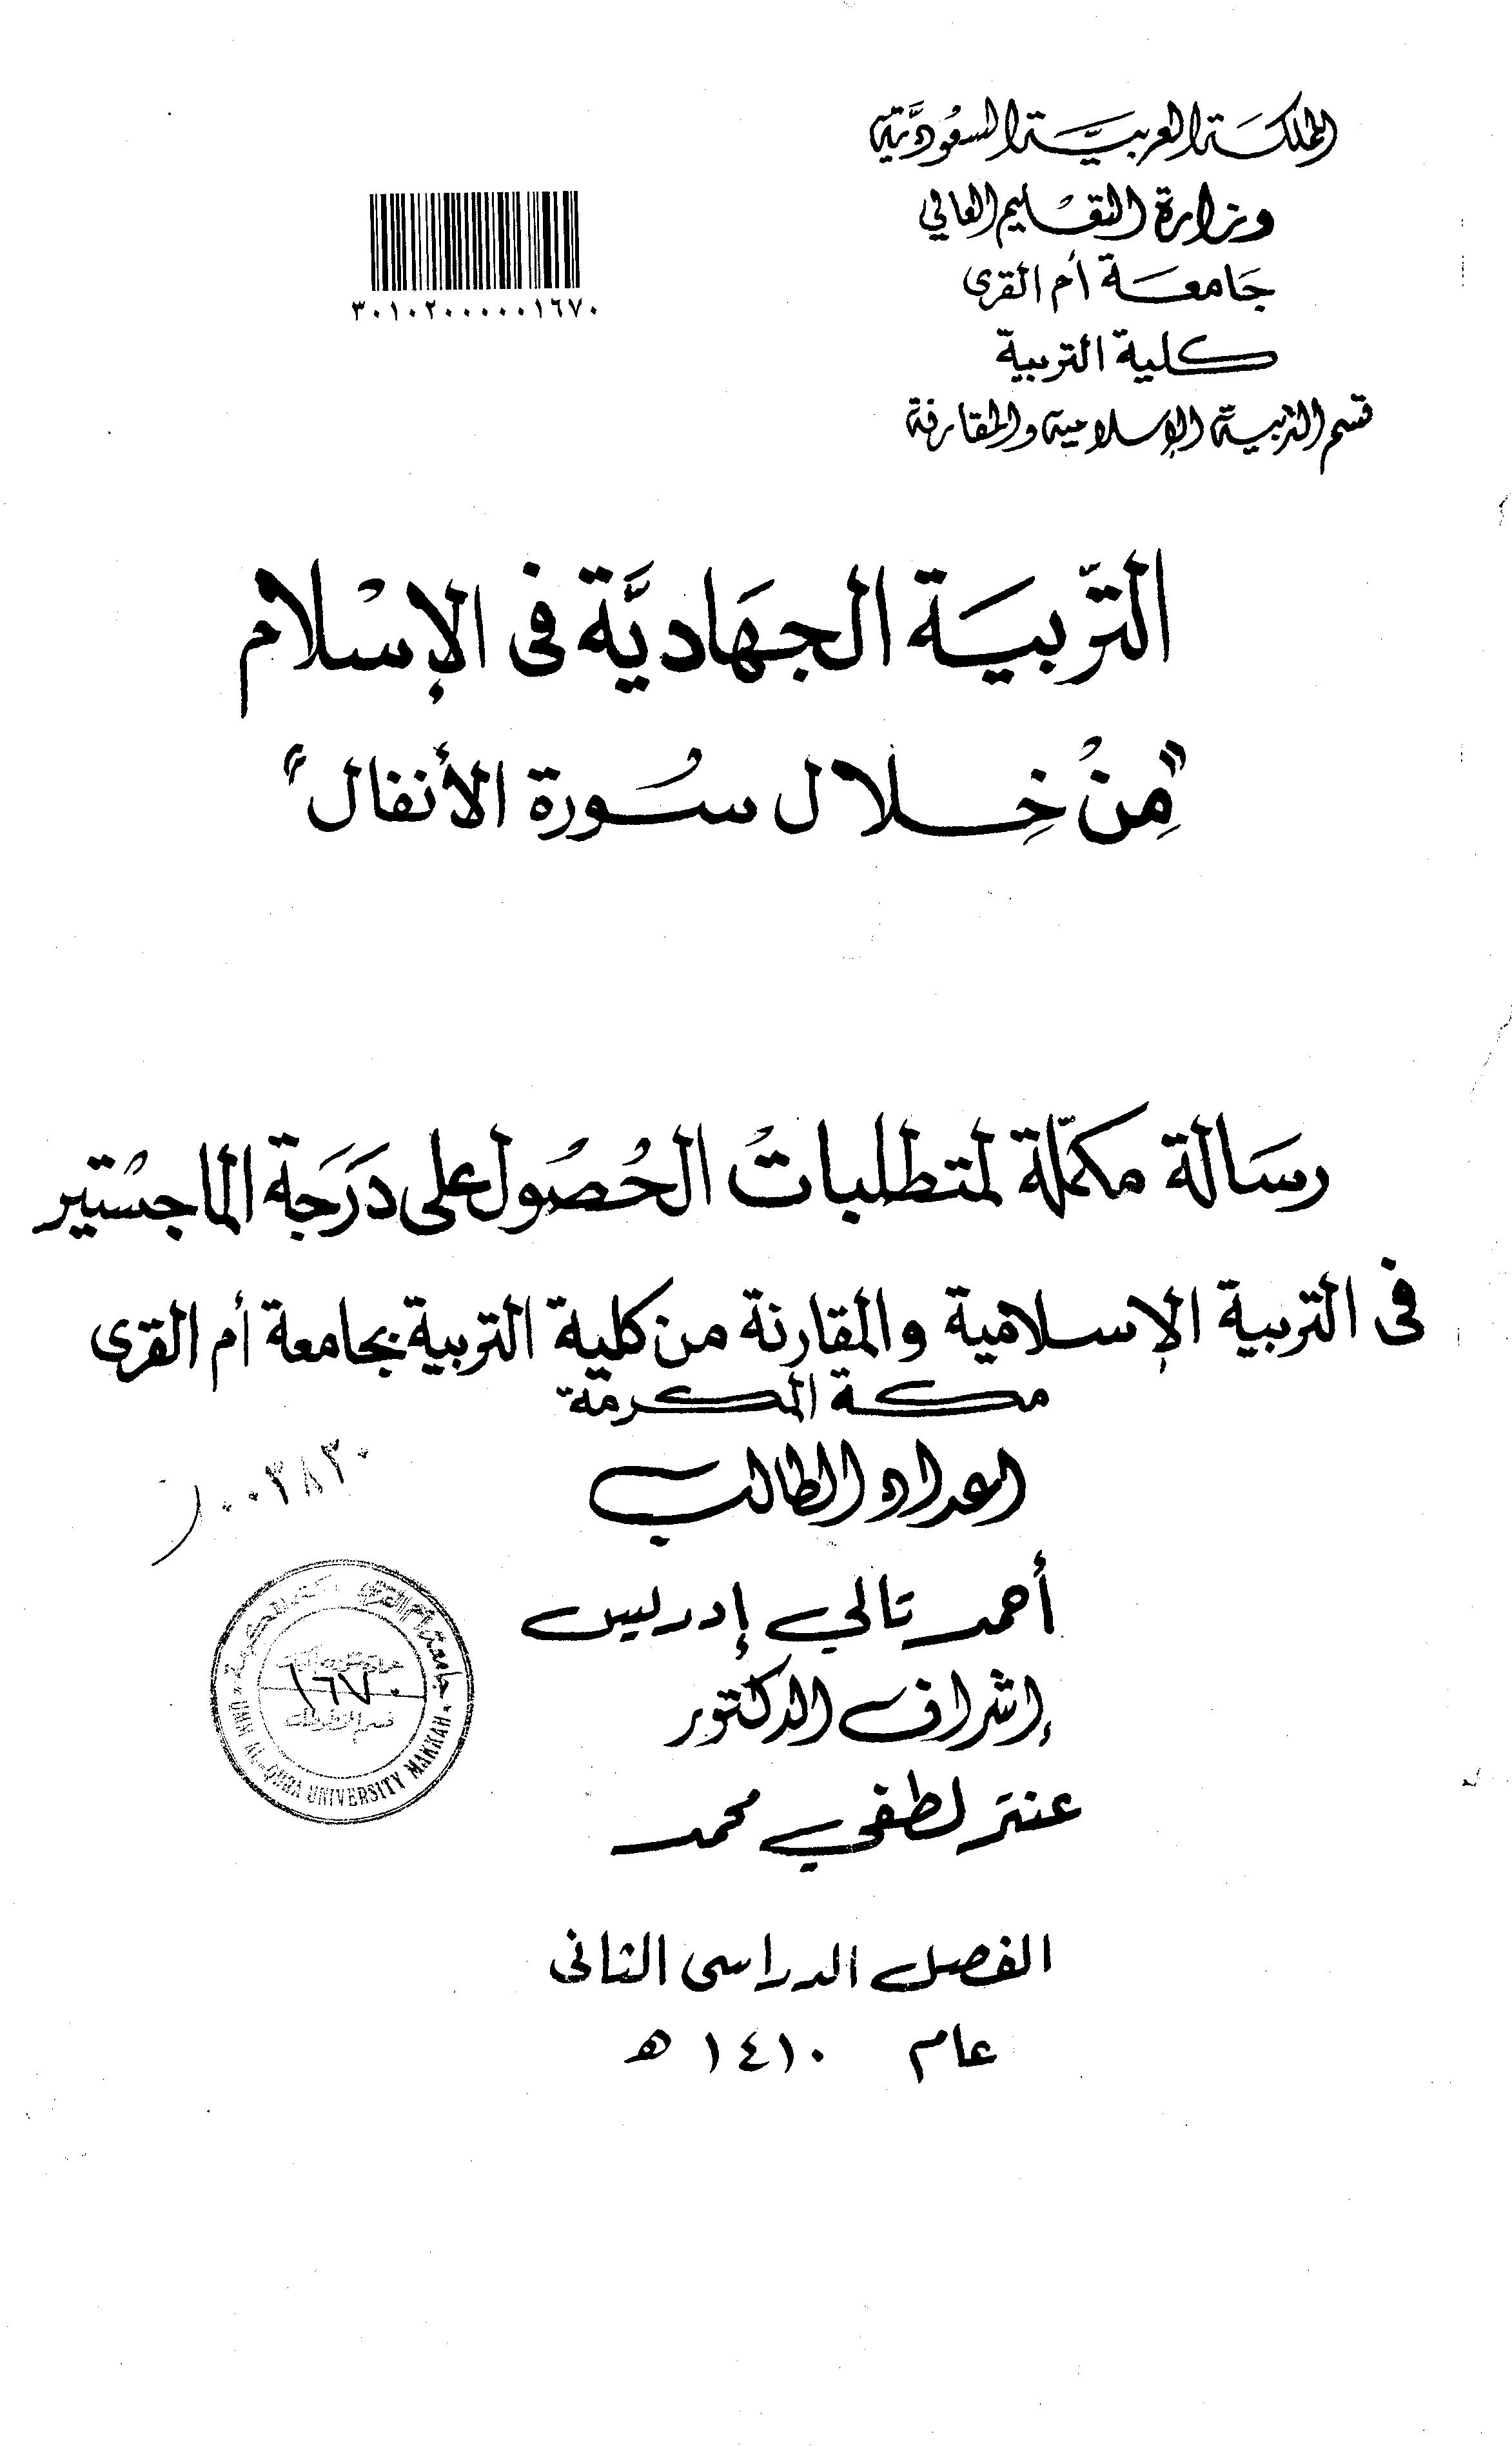 تحميل كتاب التربية الجهادية في الإسلام من خلال سورة الأنفال لـِ: أحمد تالي إدريس